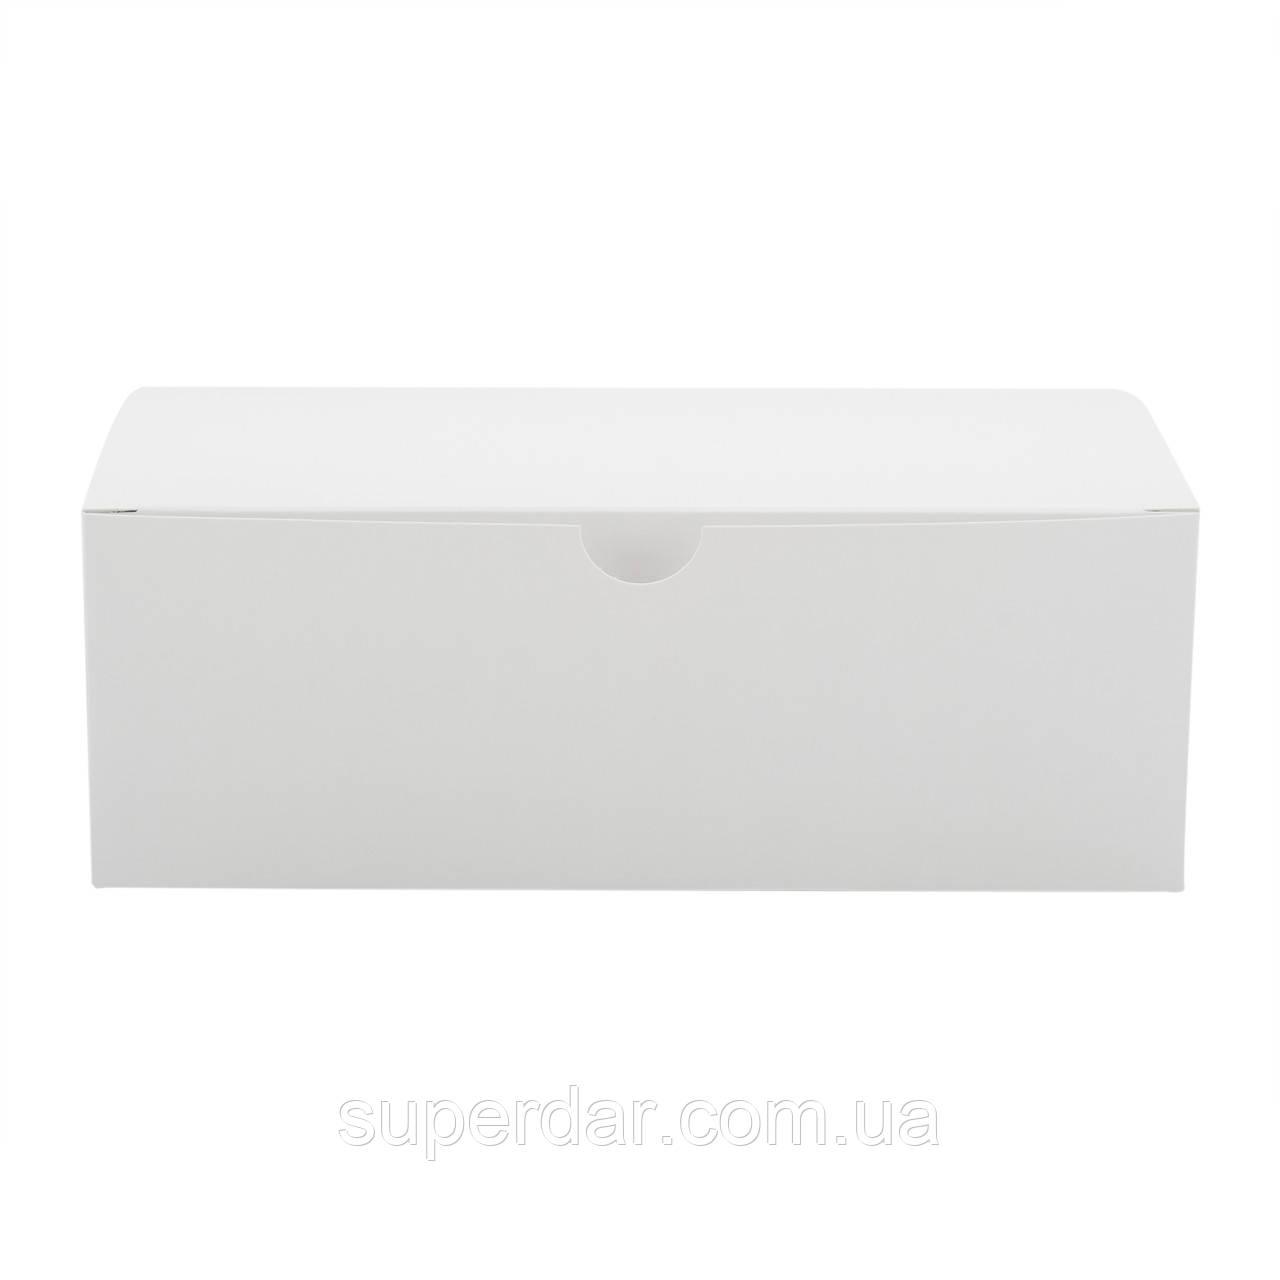 Коробка для кусочков торта, пирожных и др. изделий 200Х110х70 мм.